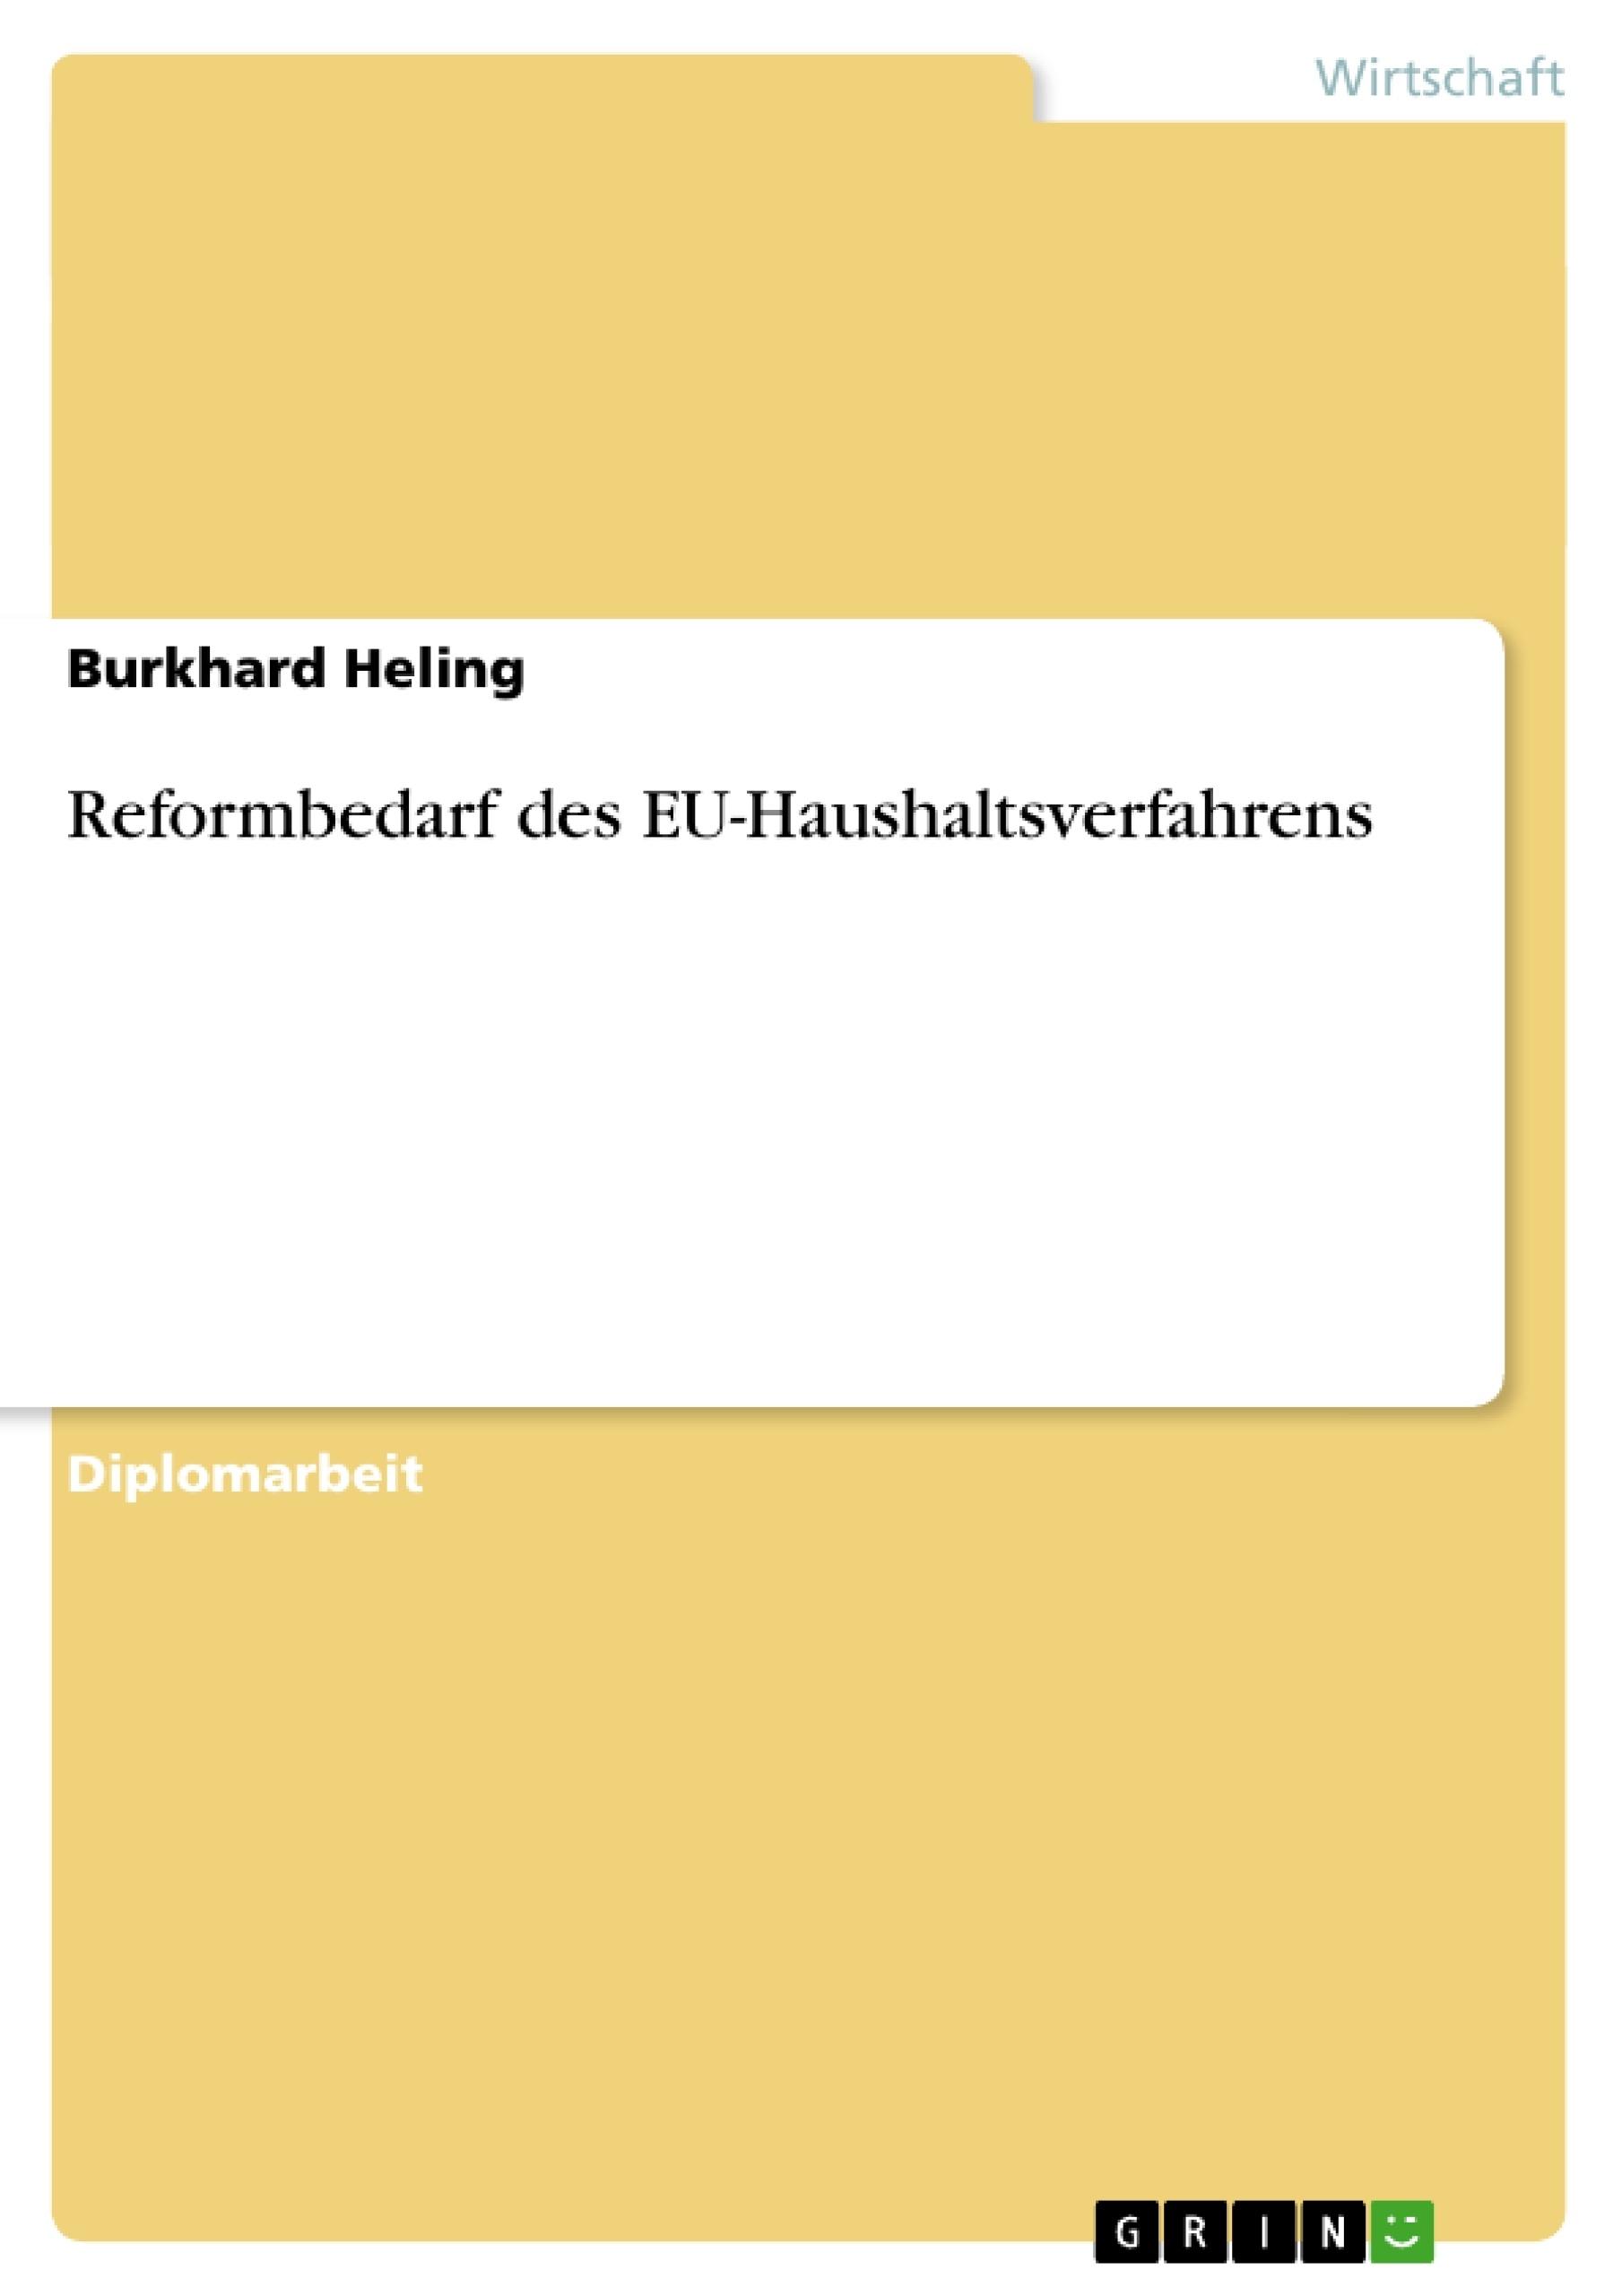 Titel: Reformbedarf des EU-Haushaltsverfahrens